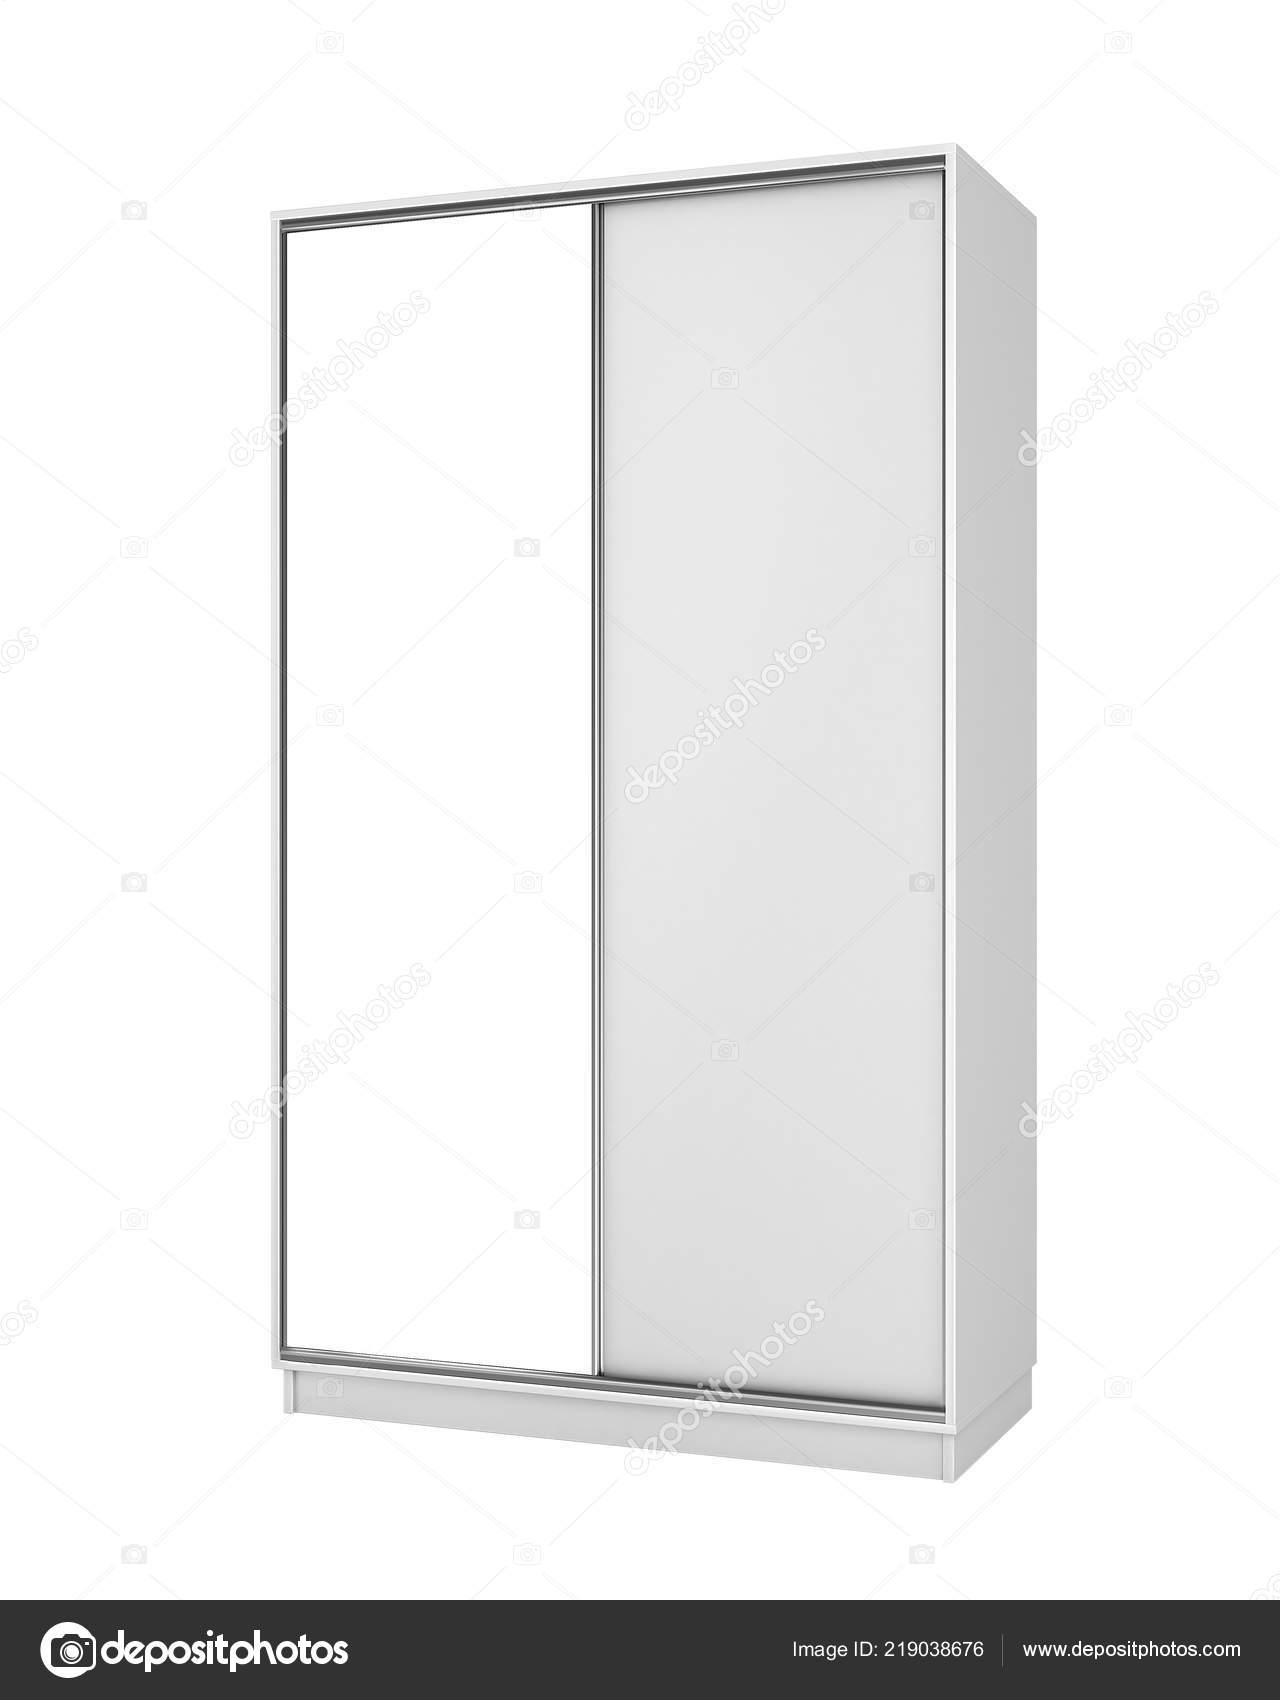 Blanc Armoire Fermée Avec Grand Miroir Illustration Photographie